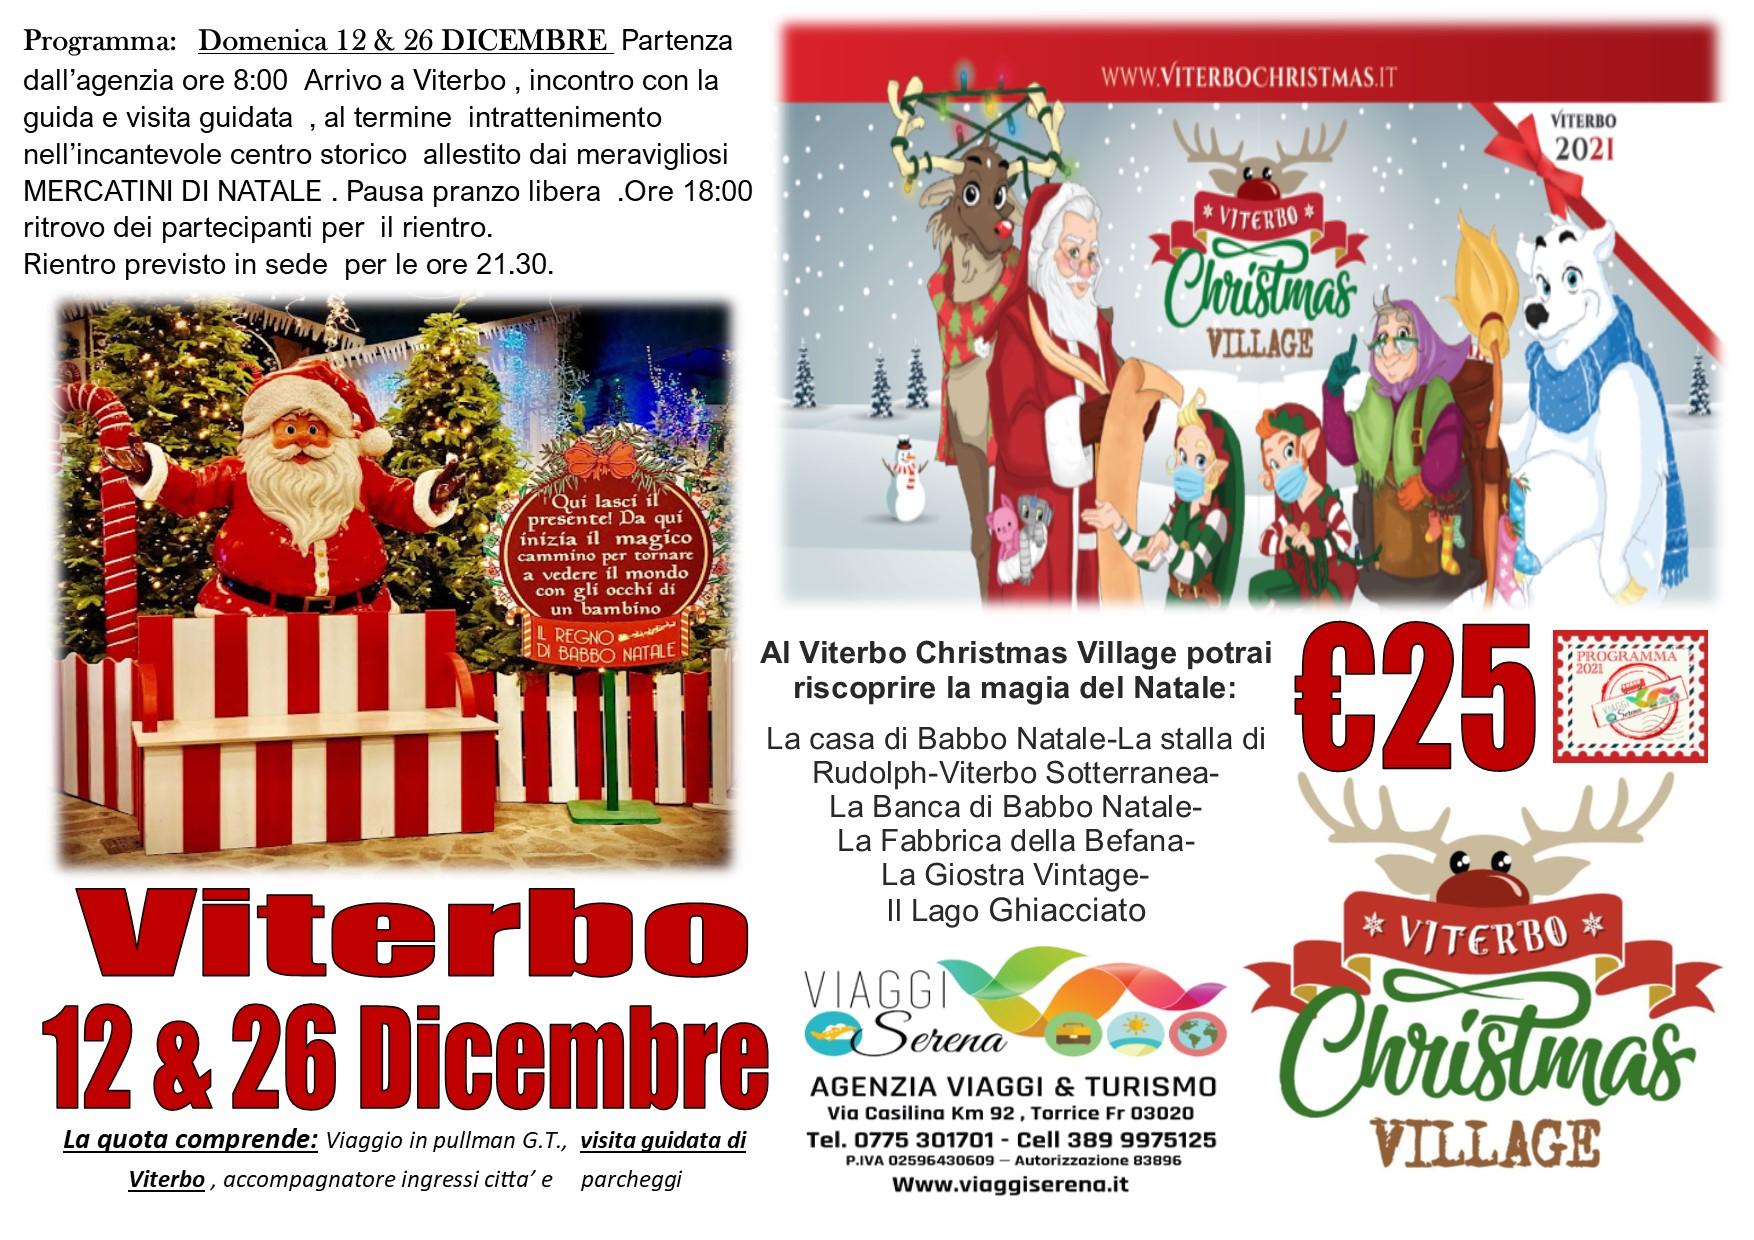 Viaggi di Gruppo: VITERBO Christmas Village 12 Dicembre € 25,00